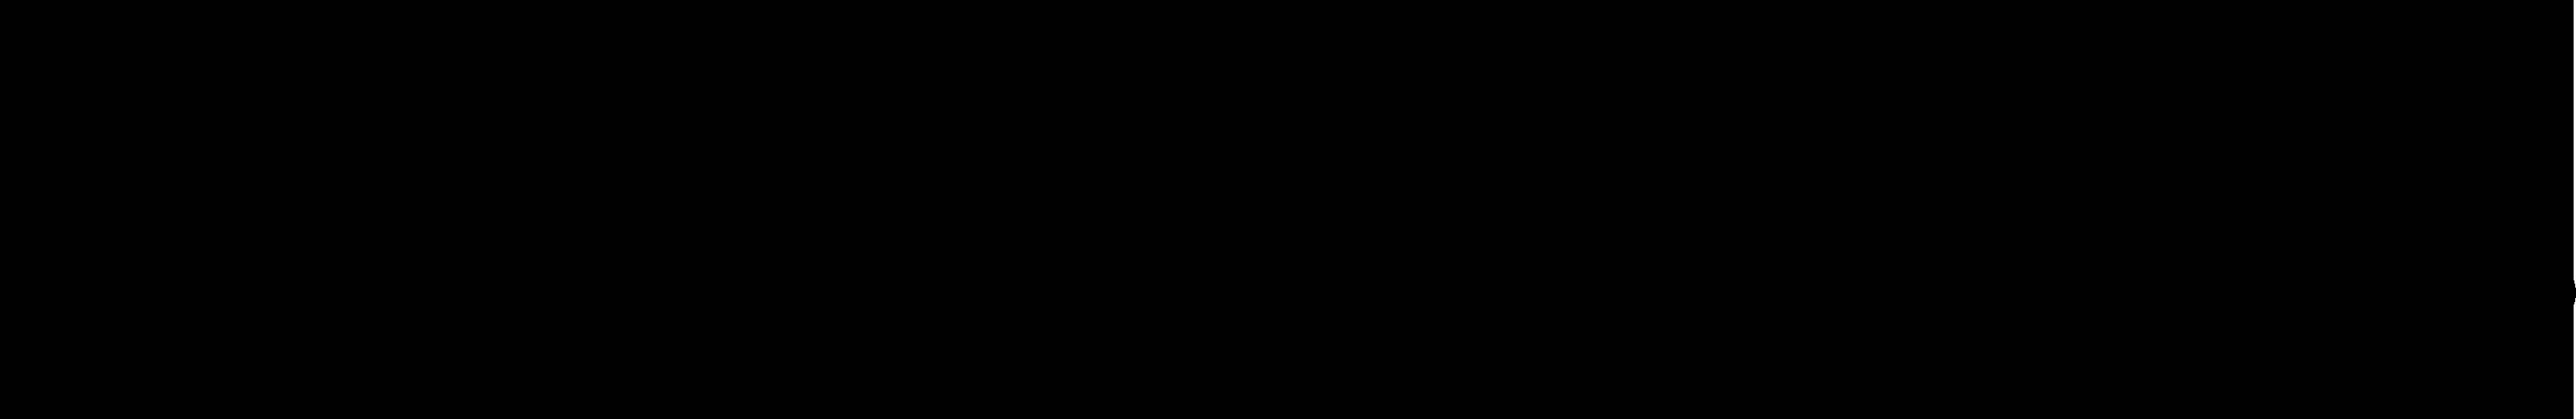 图层3.png